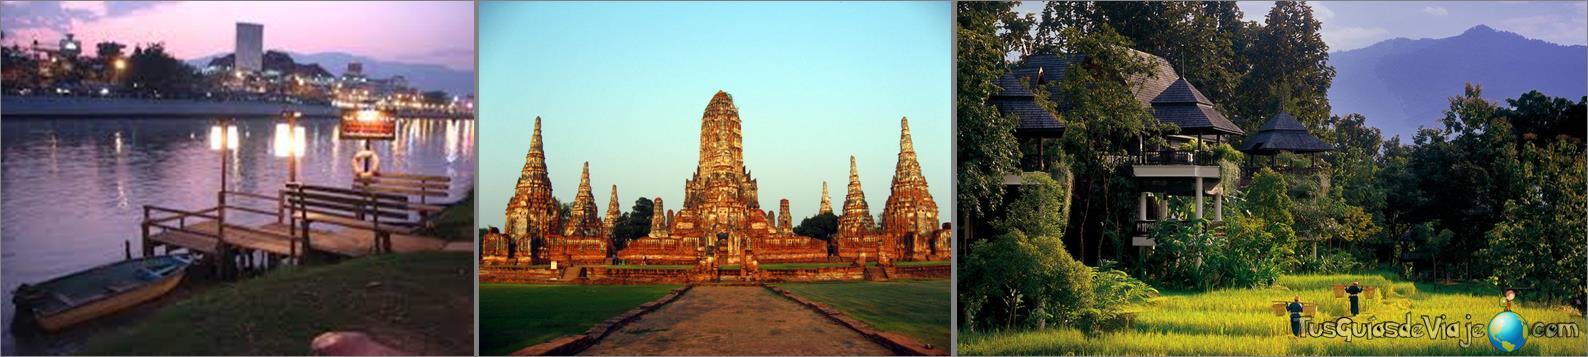 Las montañas y templos más sorprendentes de Tailandia